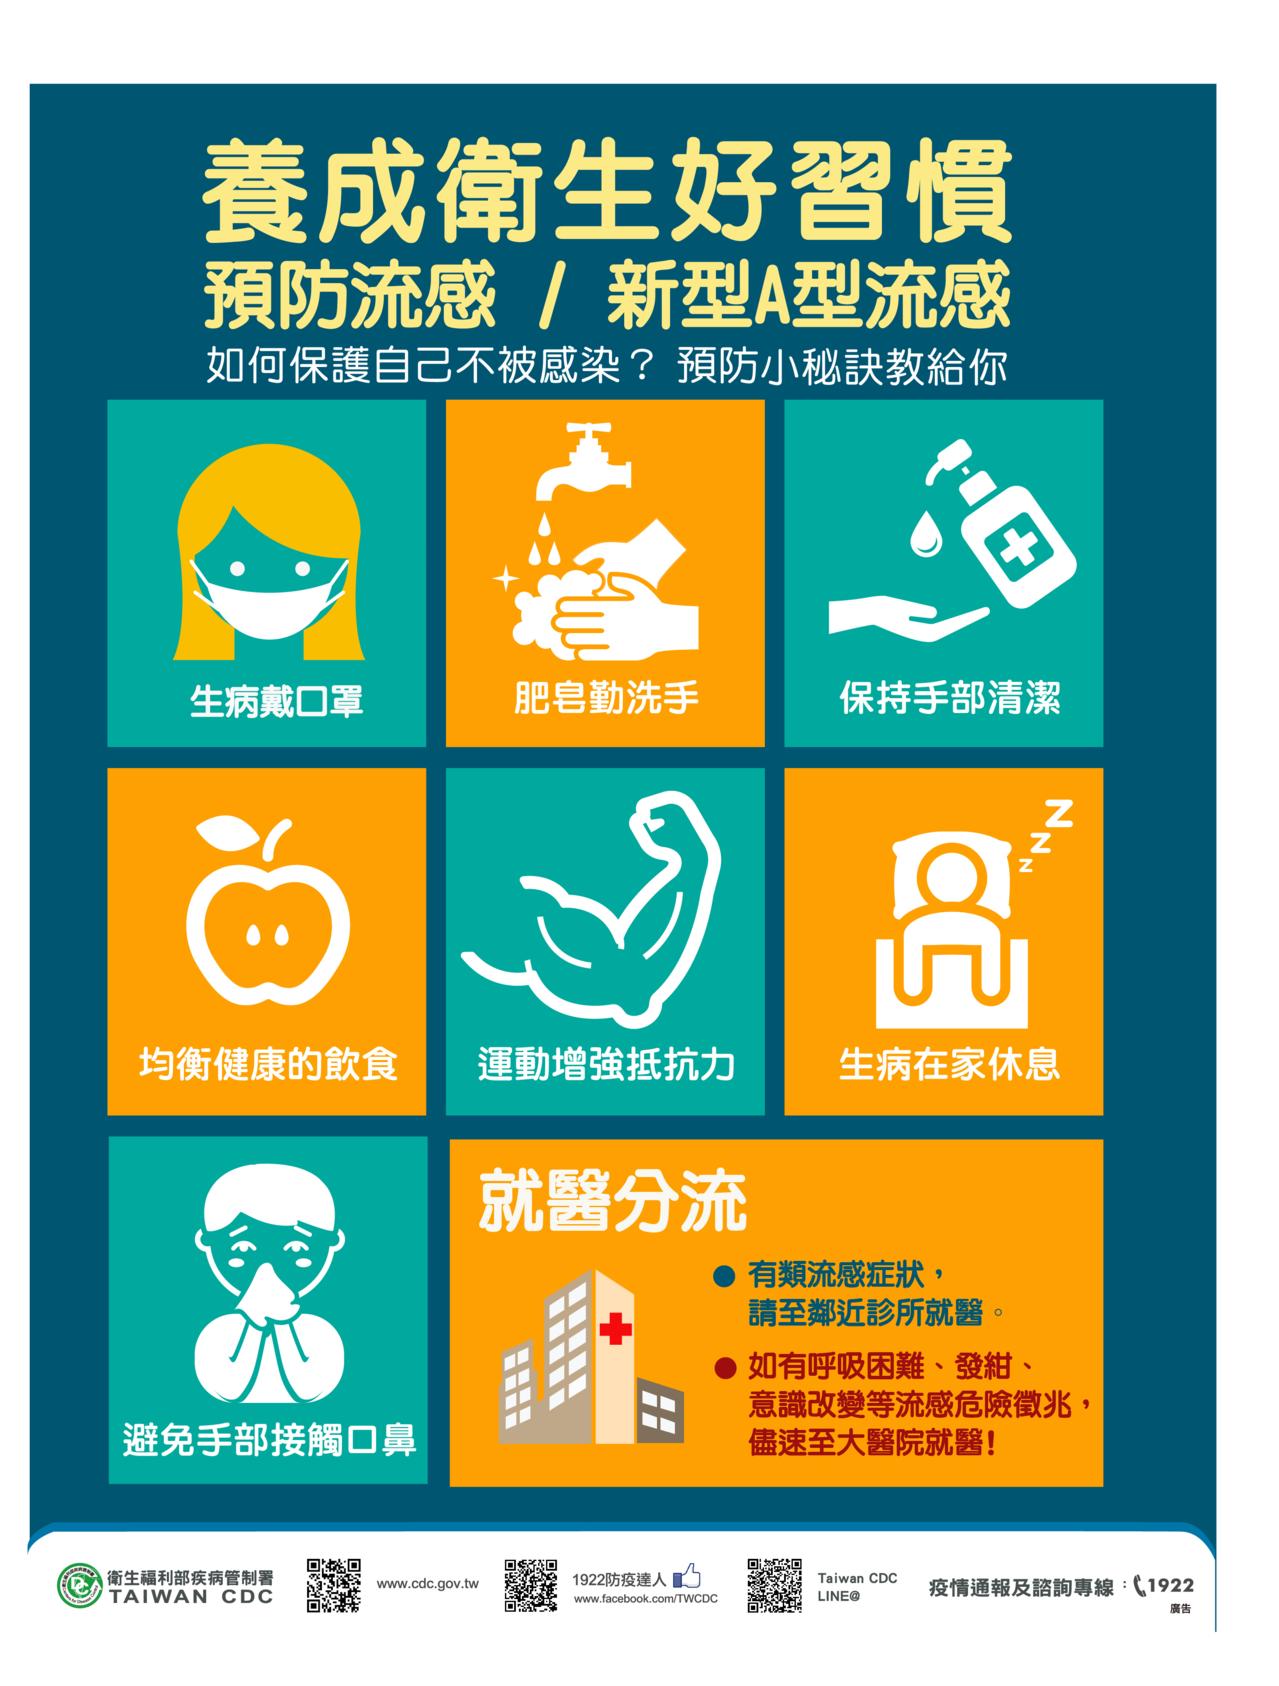 養成衛生好習慣,才能預防流感及新型A型流感。 圖/疾管署提供